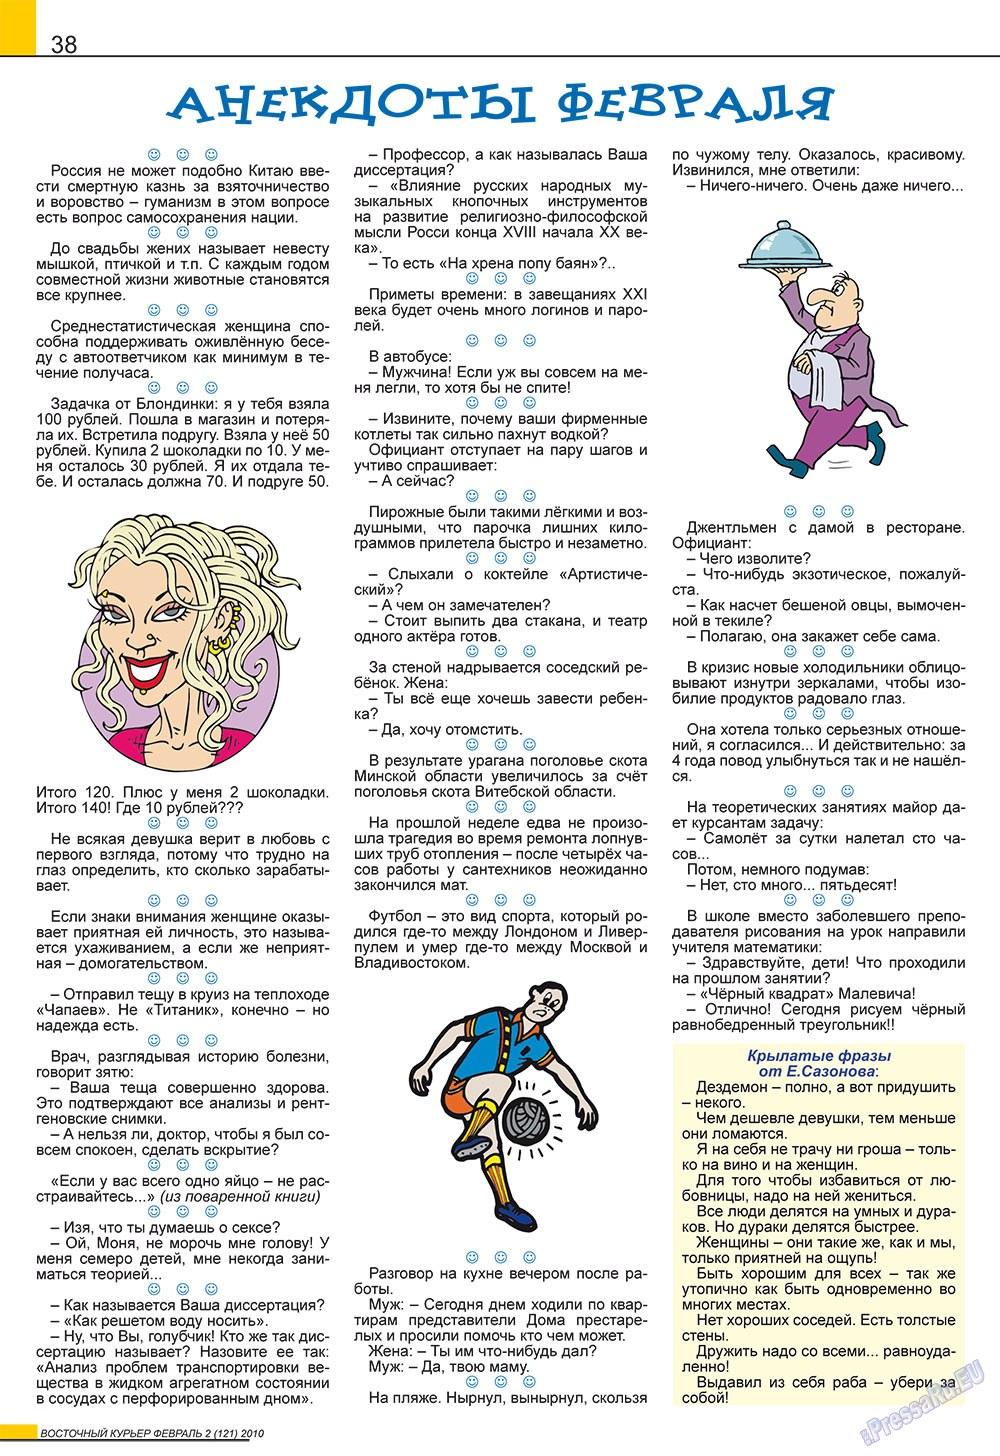 Восточный курьер (журнал). 2010 год, номер 2, стр. 38